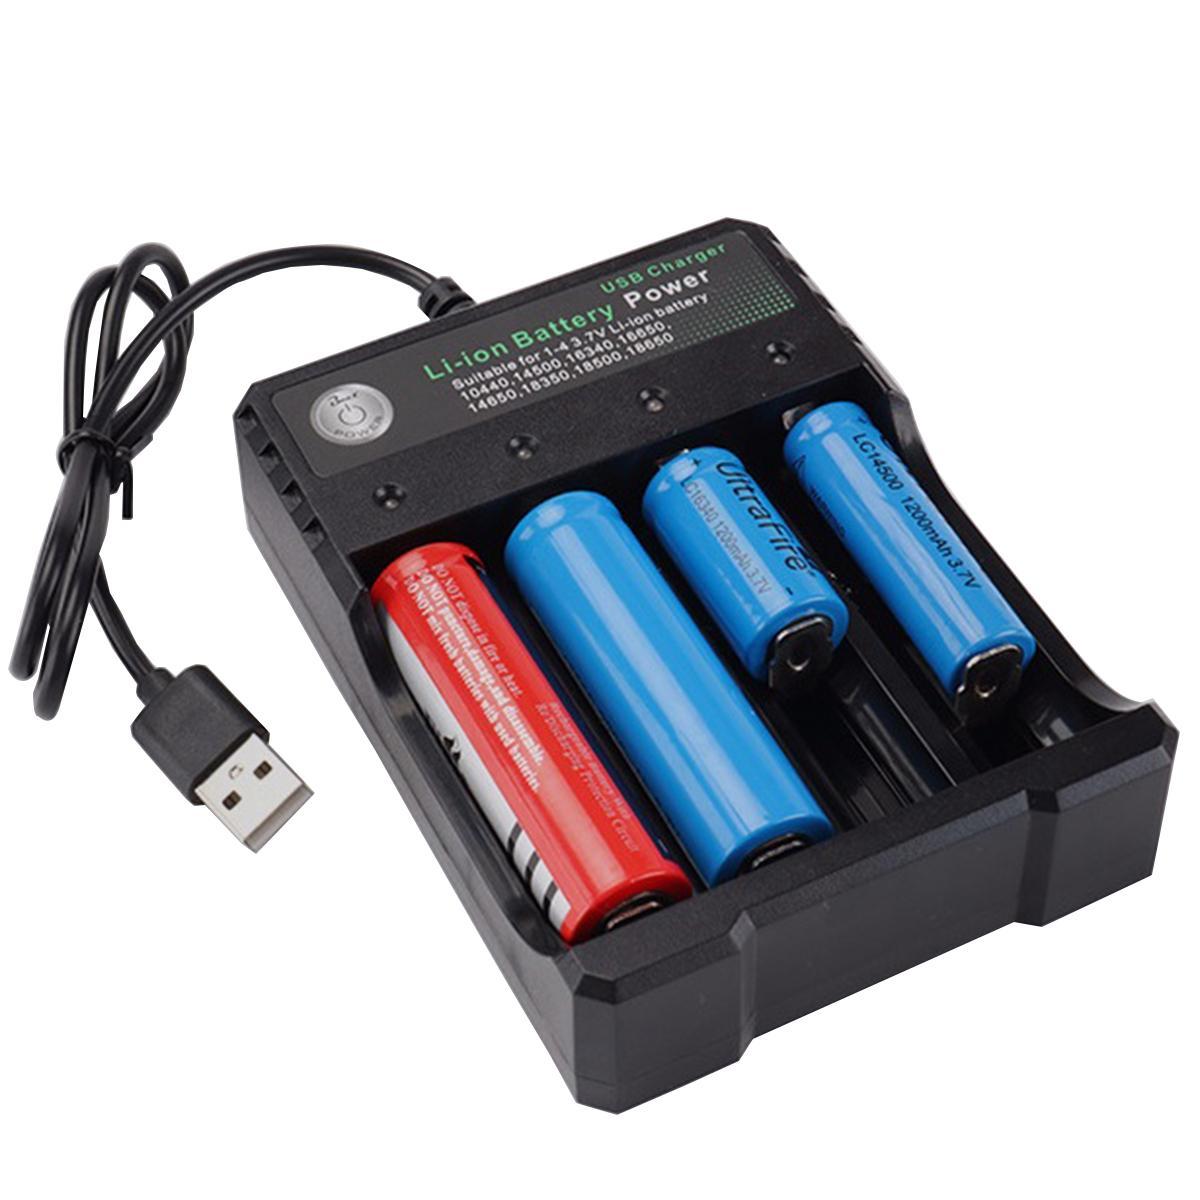 Sạc pin đa năng Bmax đầu USB 4 khe cho pin 18650, 14500, 16340, 16650.